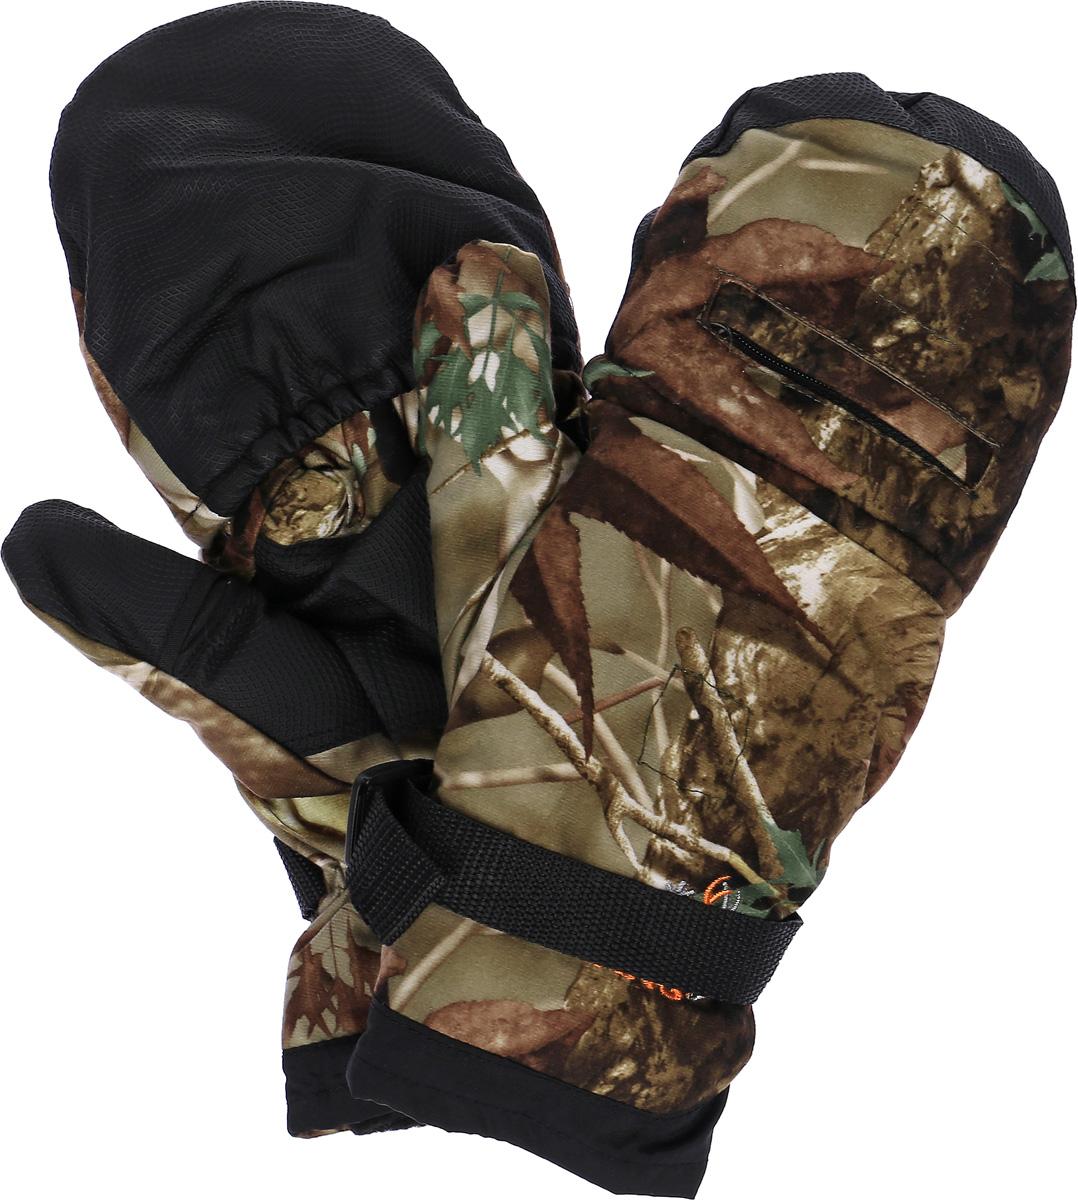 761-PПерчатки-варежки Norfin защитят ваши руки. Они хорошо сохраняют тепло, мягкие, идеально сидят на руке. Перчатки-варежки в области ладони и с внутренней стороны большого пальца выполнены из водоотталкивающего материала, внутри выполнены из флиса. Изделие представляет собой перчатки без пальцев, к внешней стороне которых крепится капюшон, накинув его на пальцы, перчатки превращаются в варежки. На запястье имеется эластичная вставка.